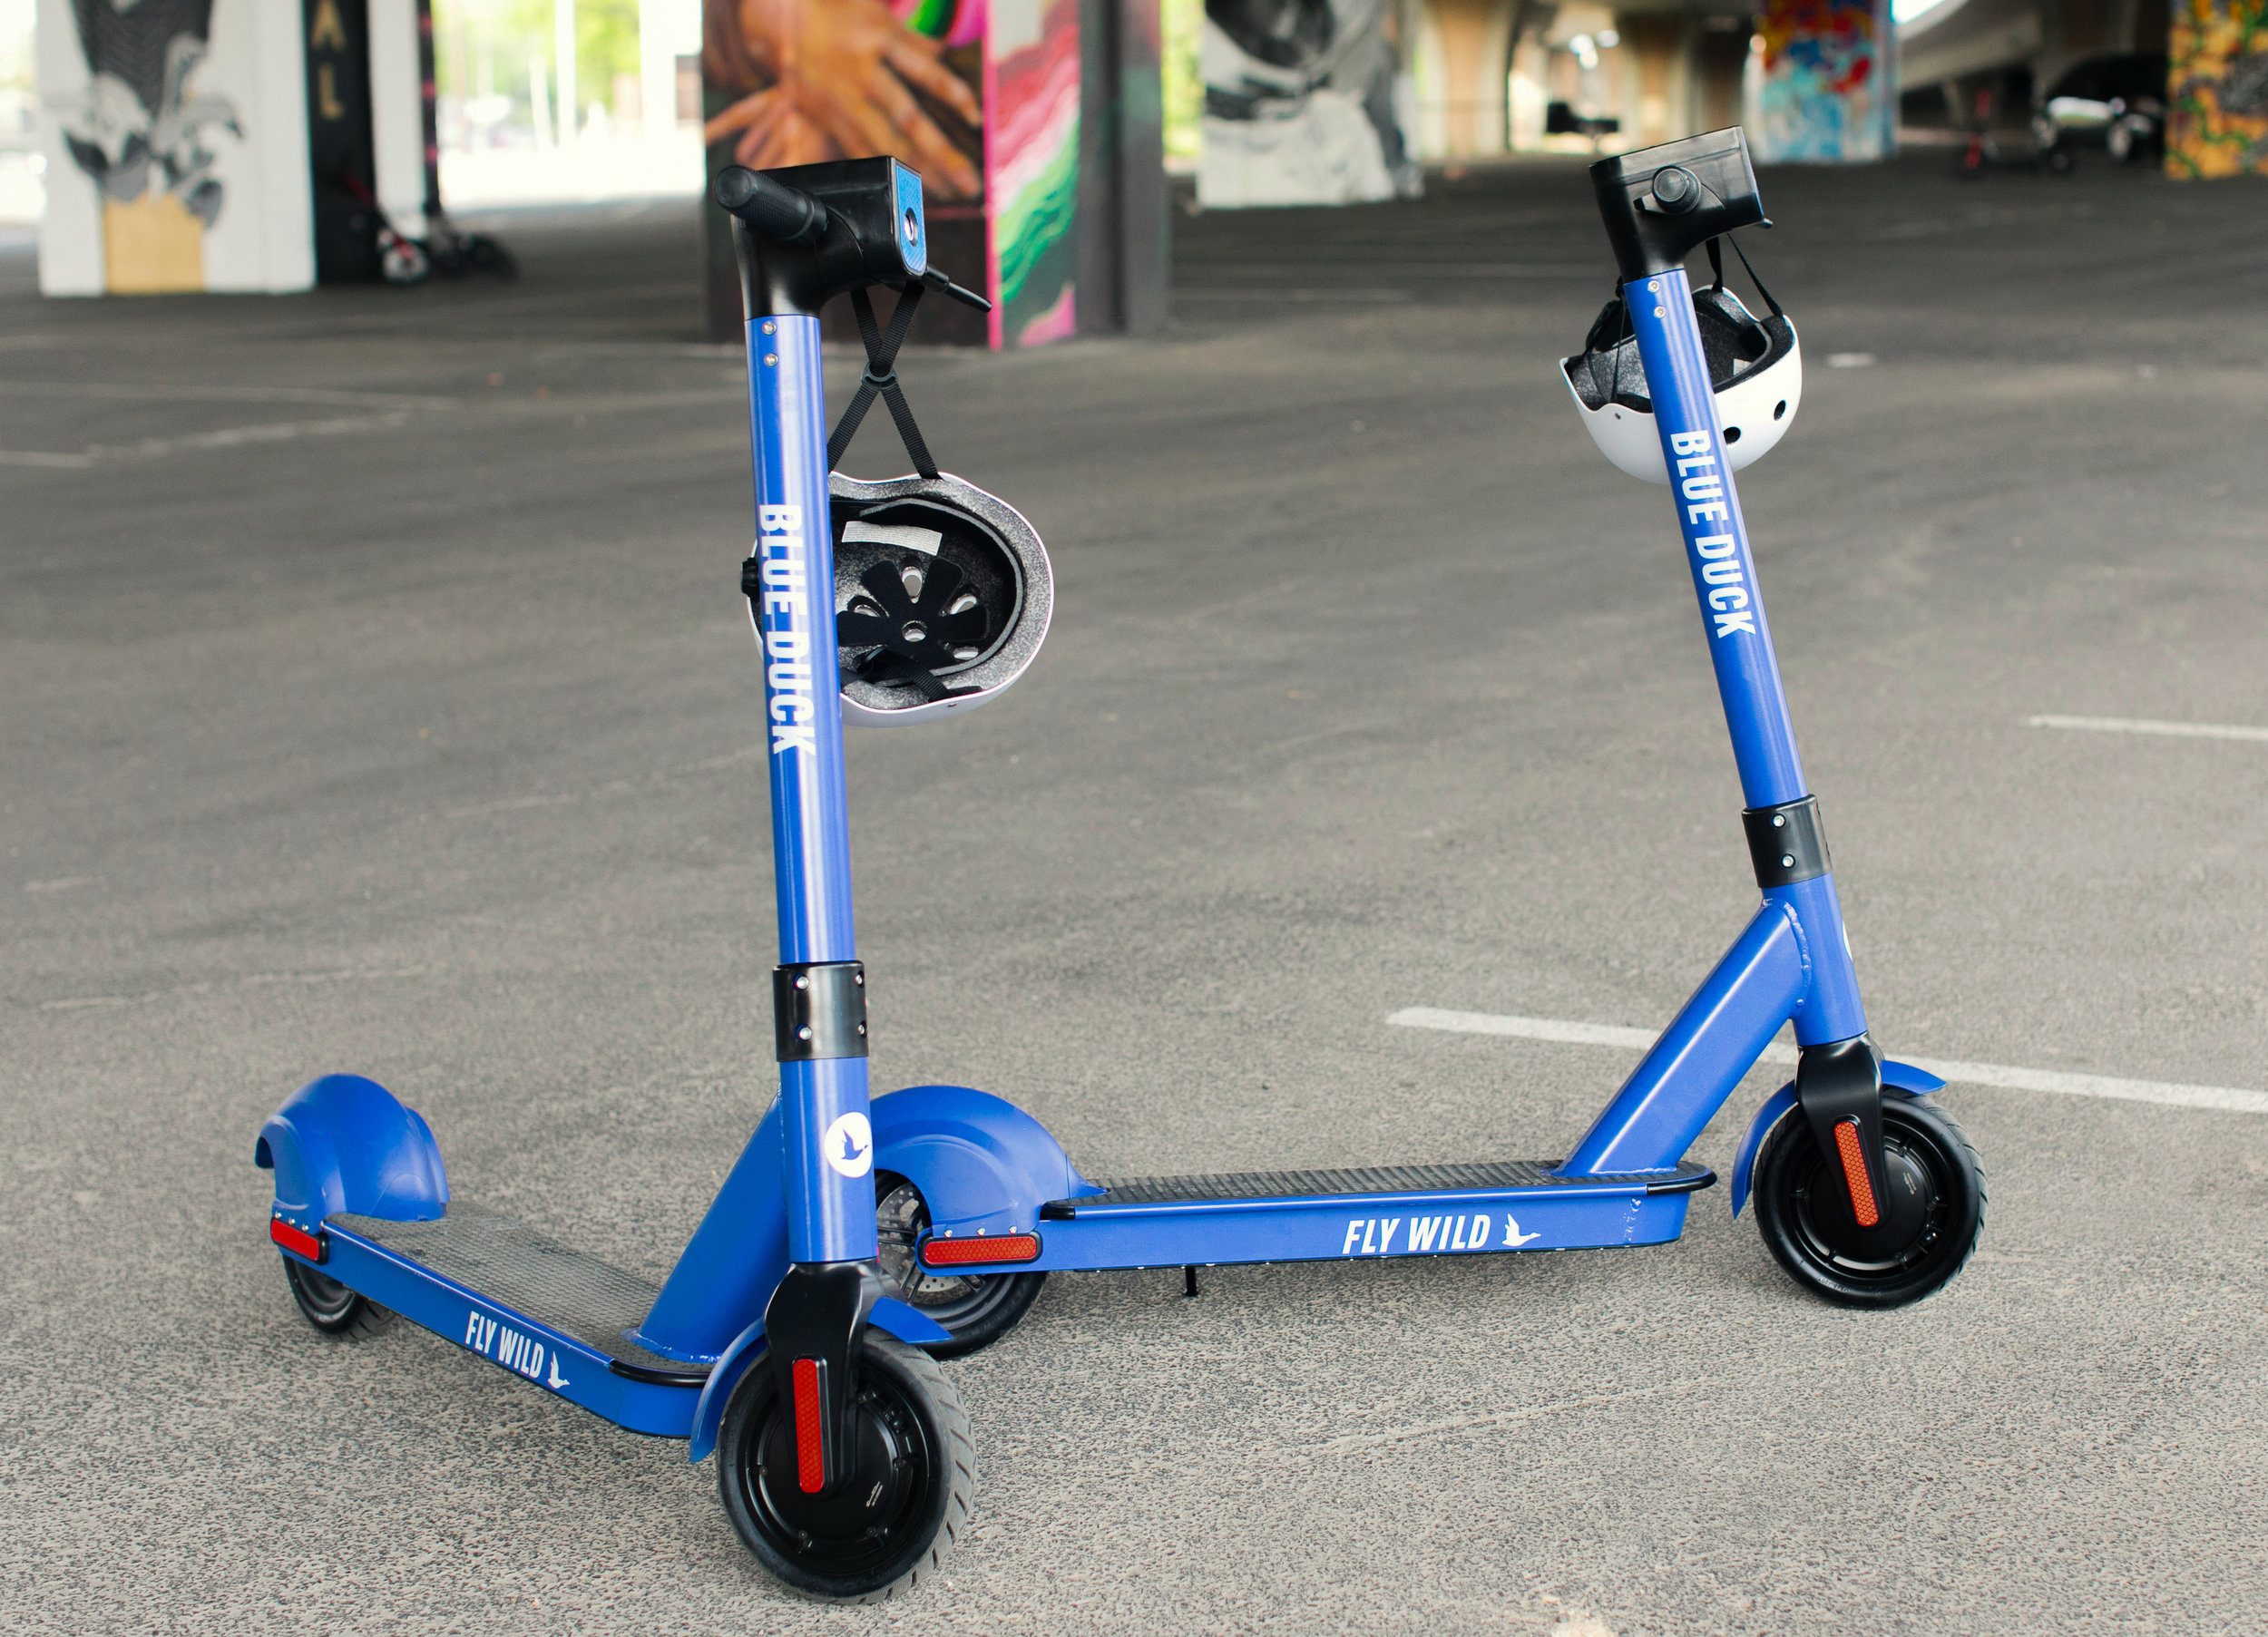 BlueDuckScootersSpring2019-1031.jpg